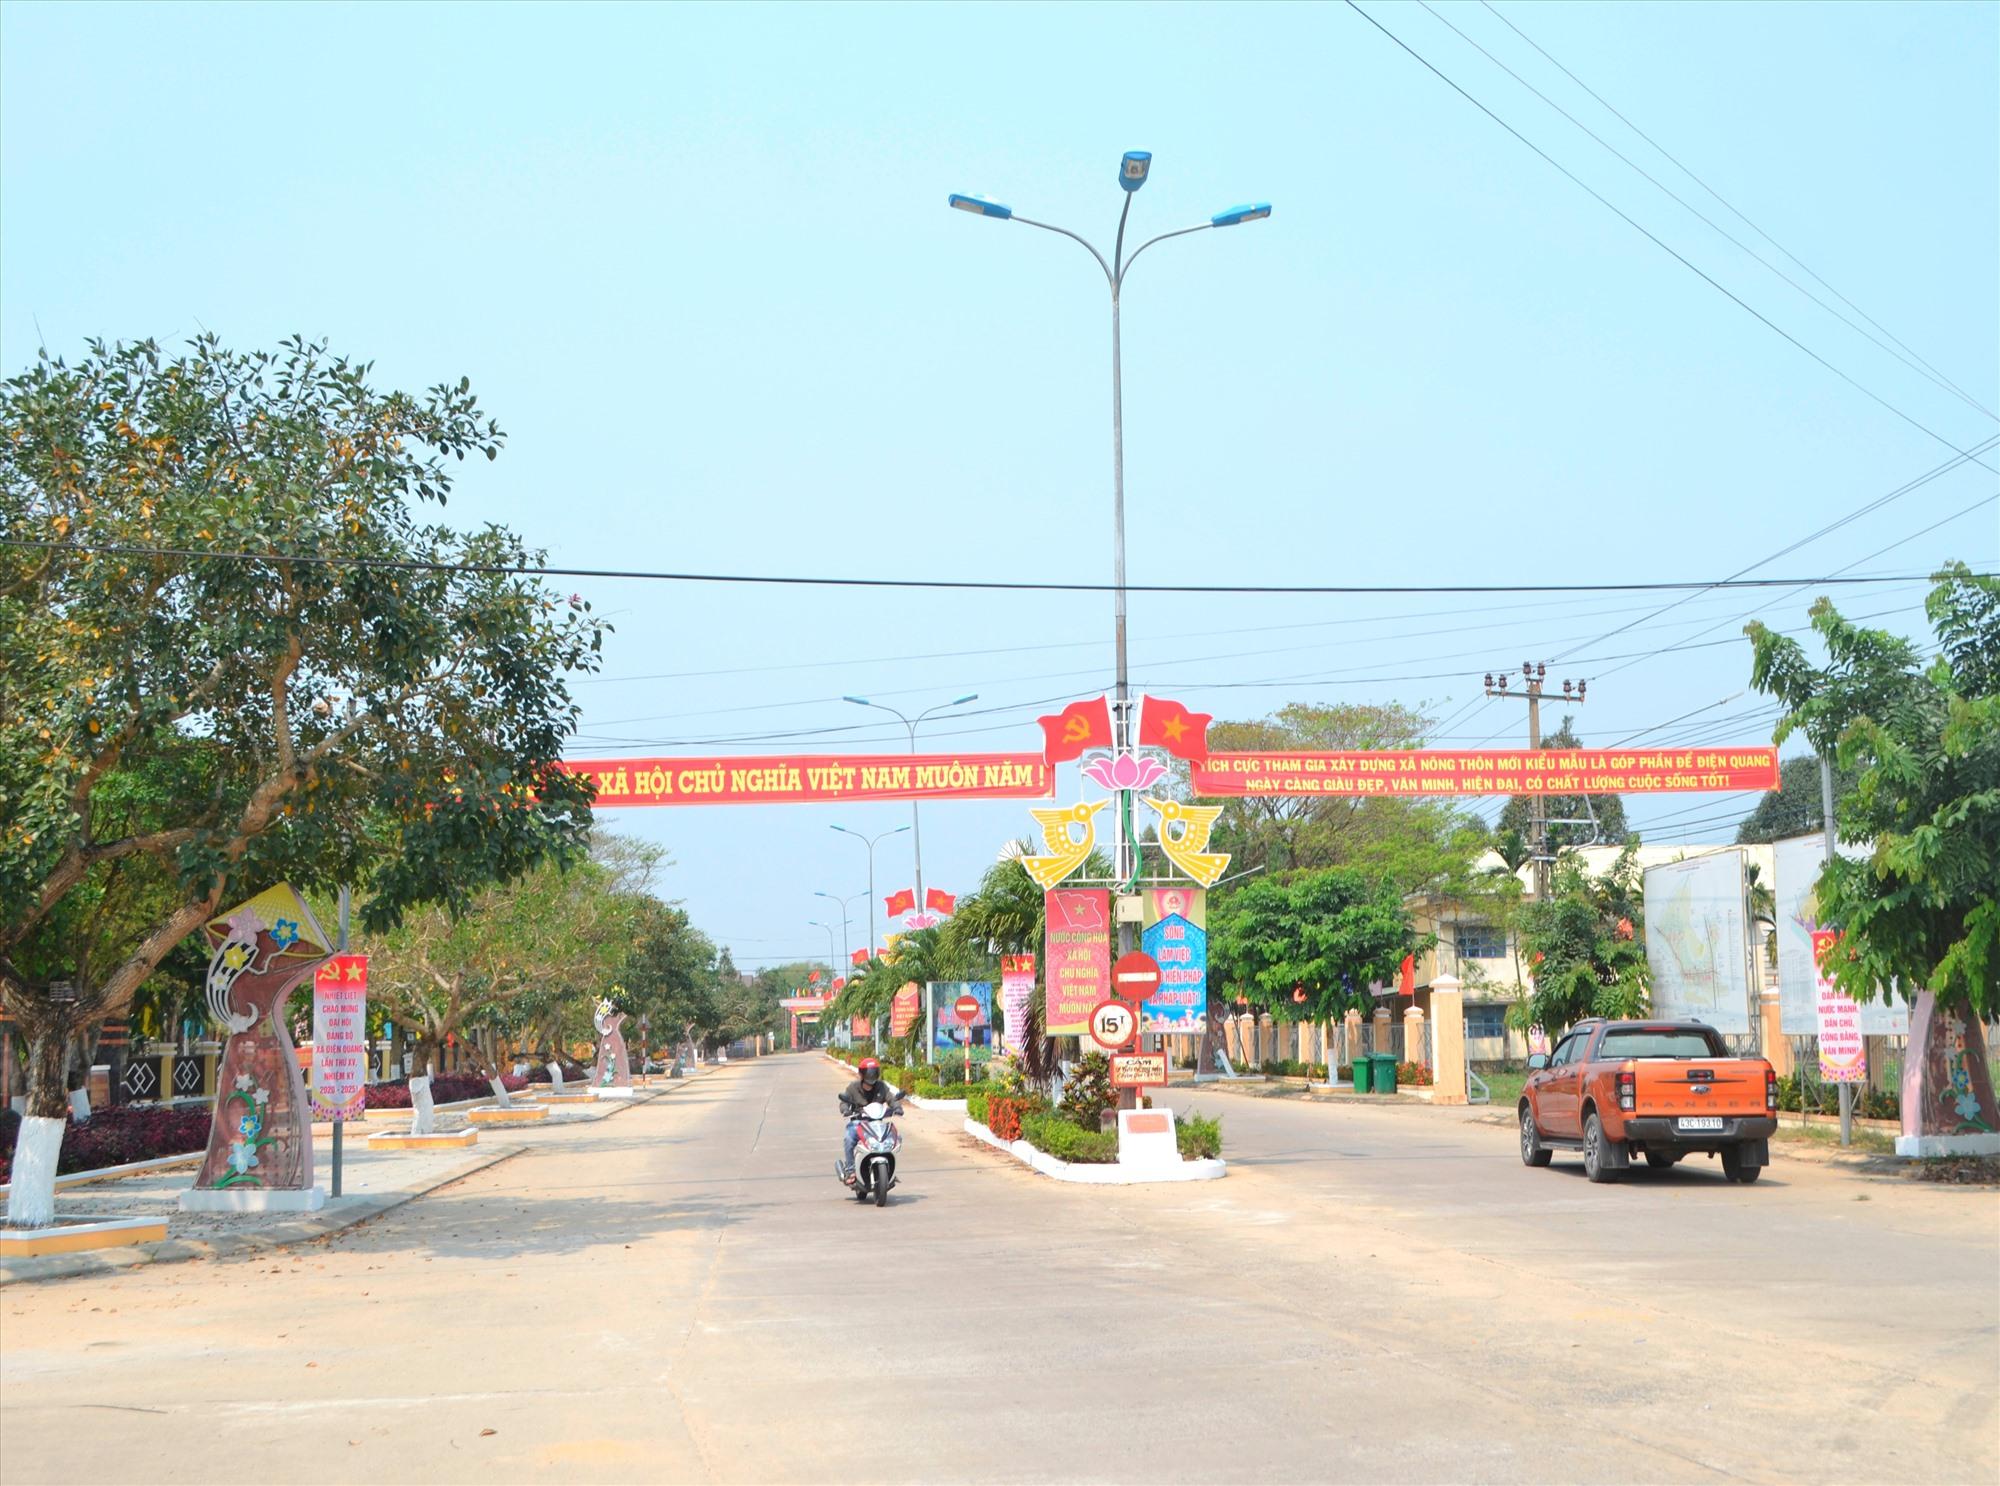 Đường qua trung tâm hành chính xã Điện Quang mở rộng khang trang. Ảnh: CÔNG TÚ